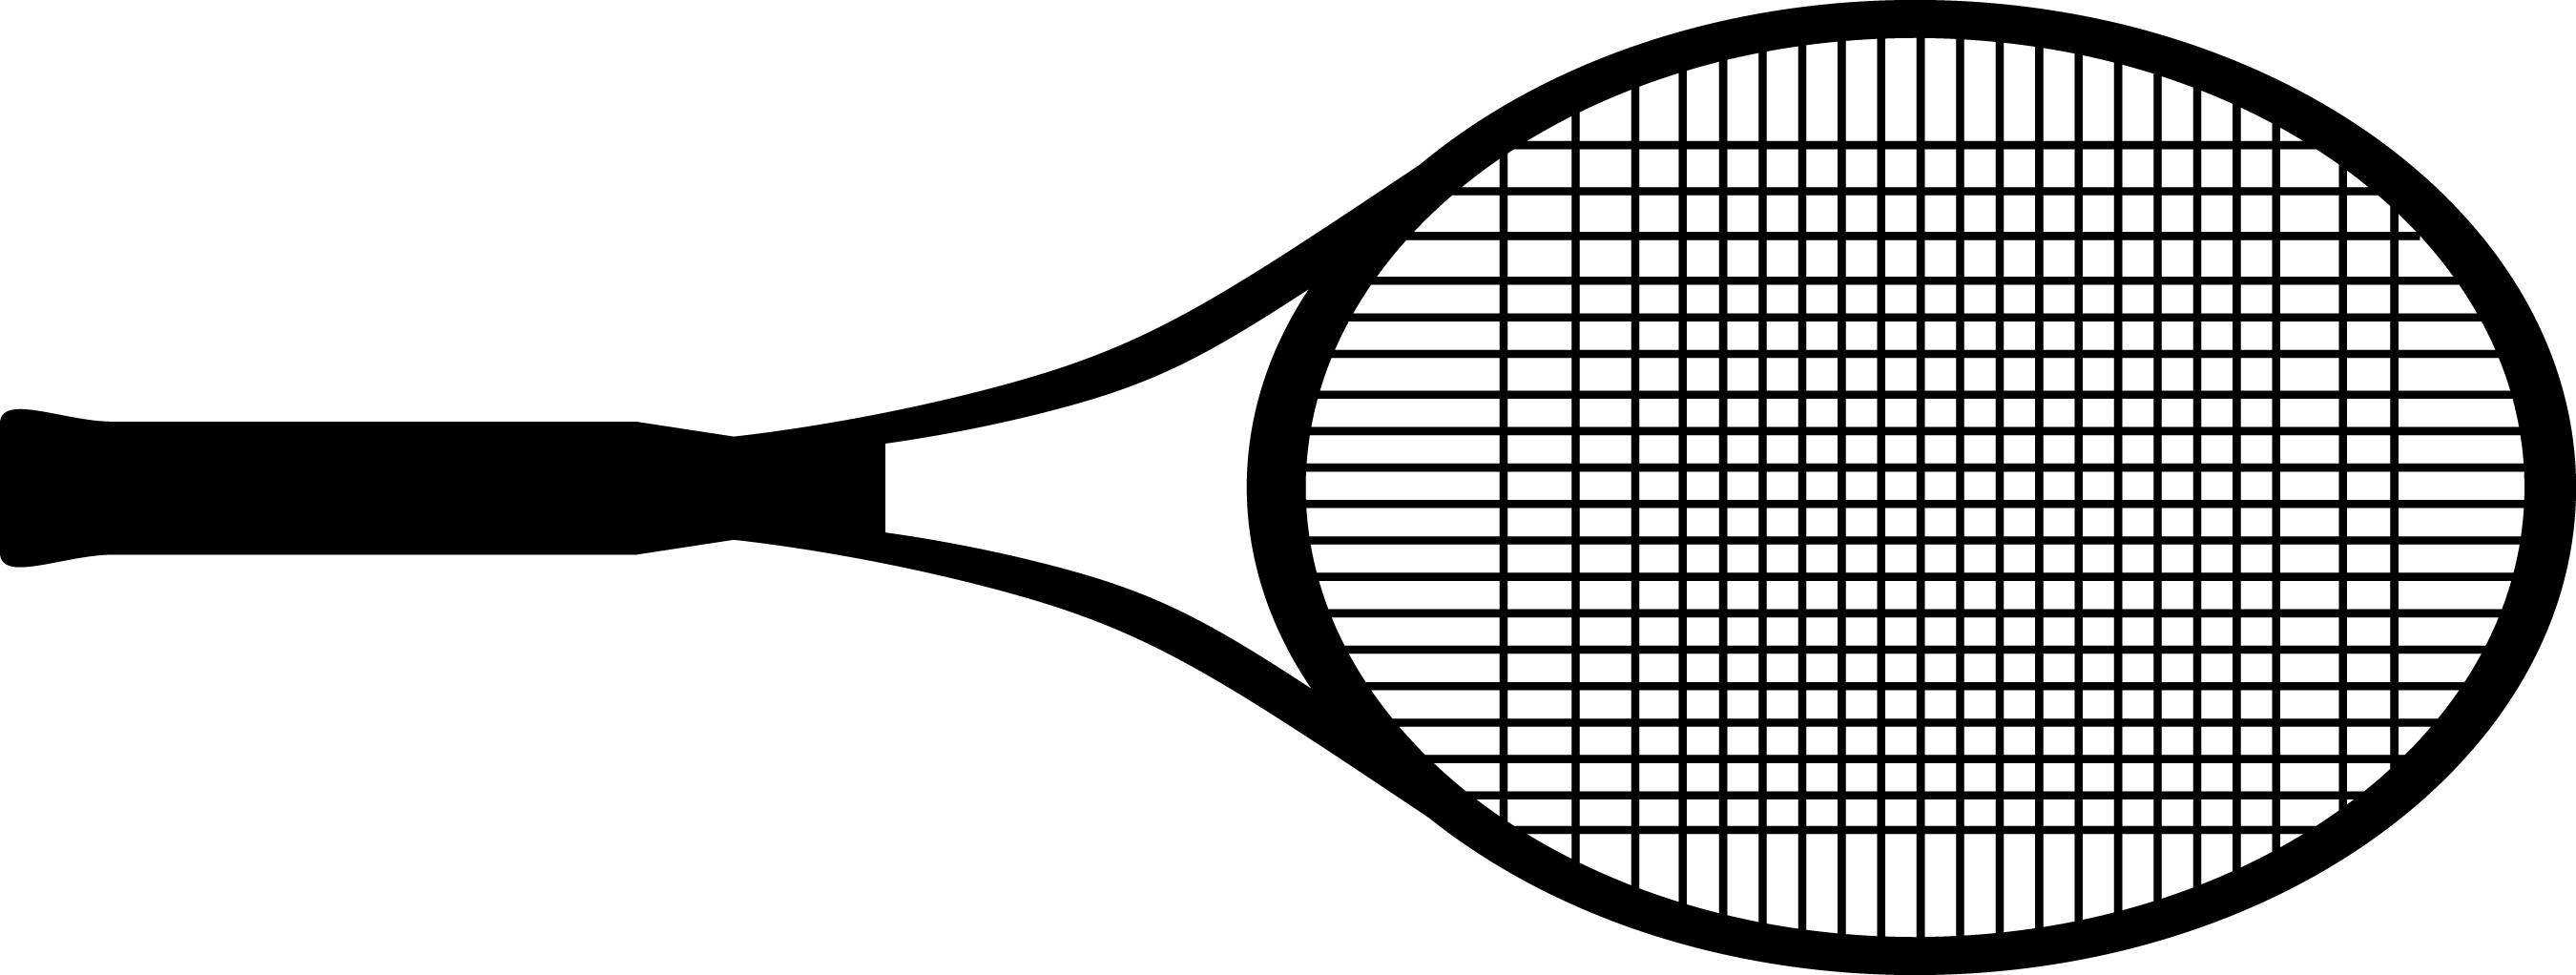 Tennis Racket Clip Art & Tennis Racket Clip Art Clip Art Images.